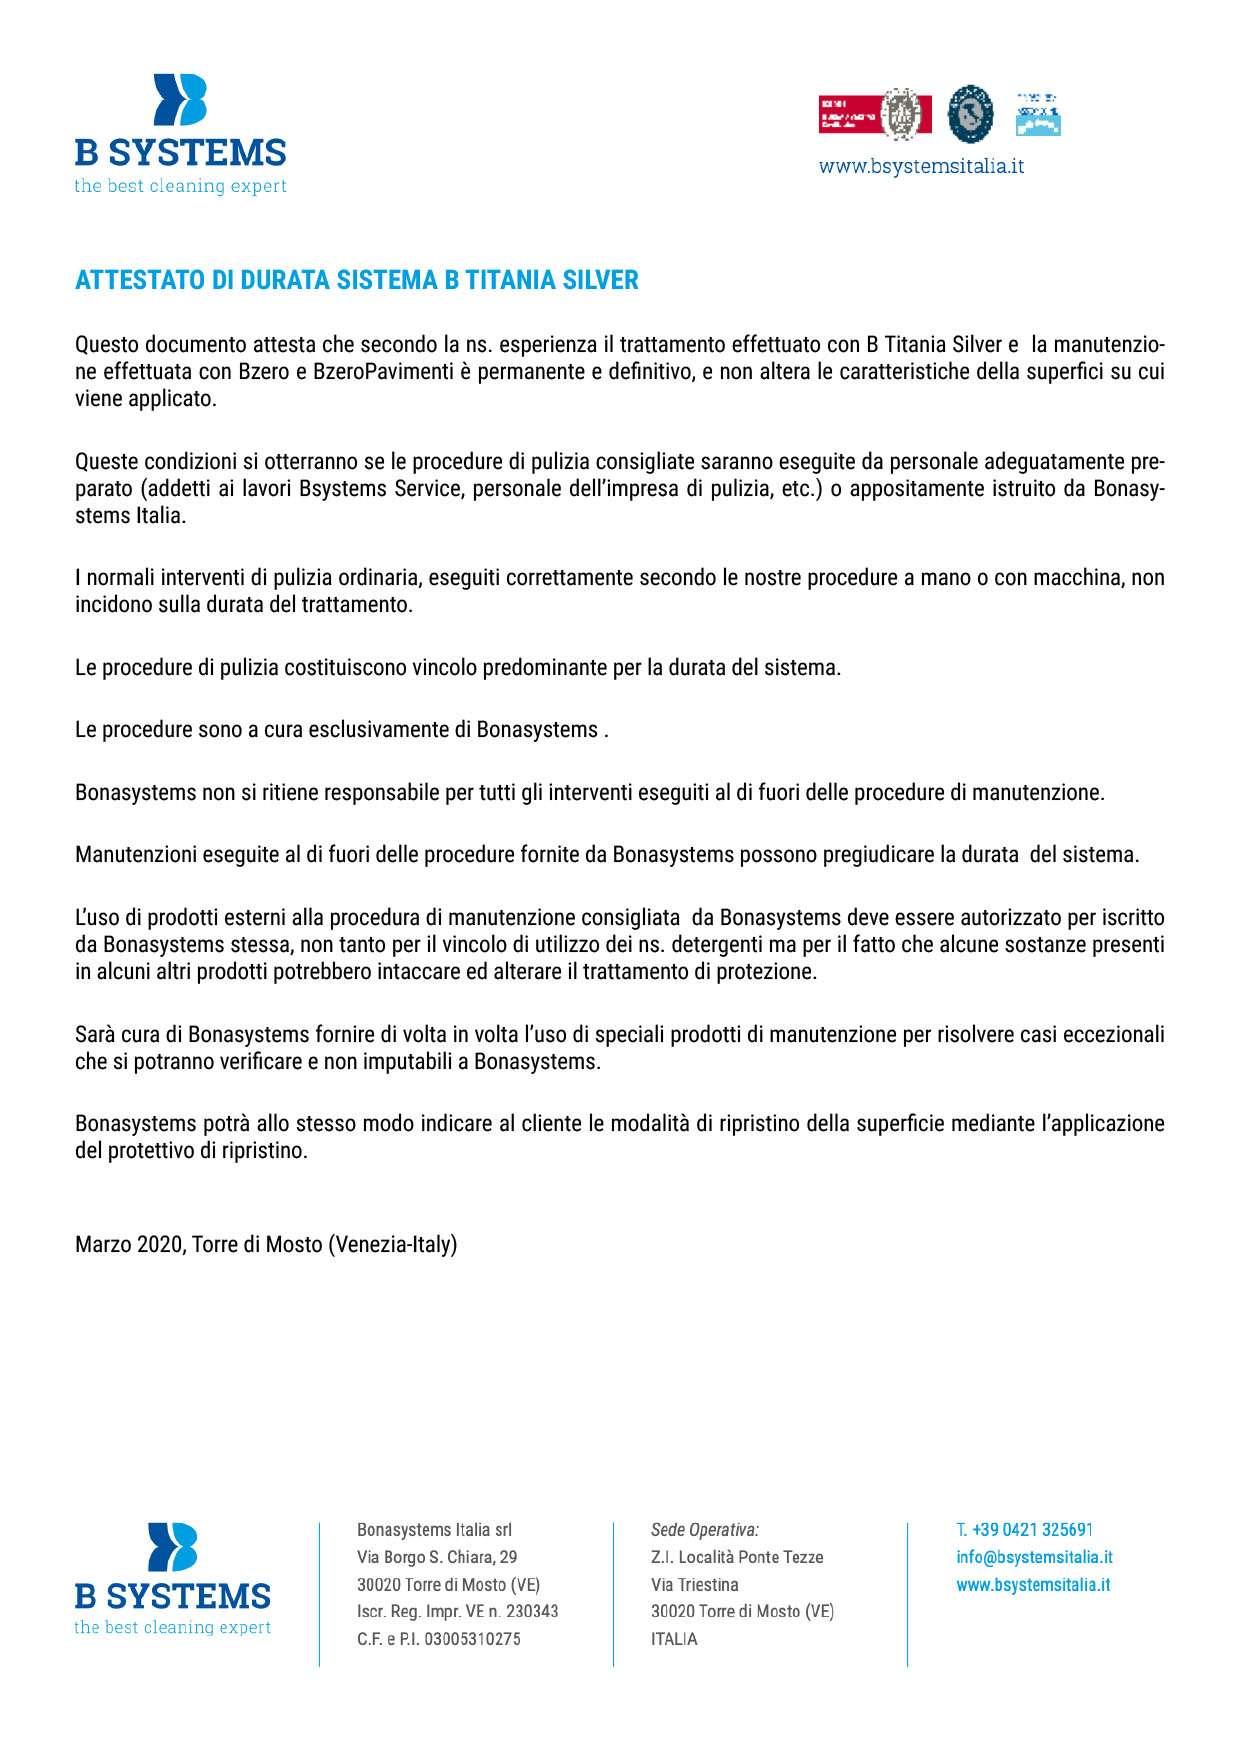 ATTESTAZIONE DI DURATA DEL SISTEMA B TITANIA SILVER LINE